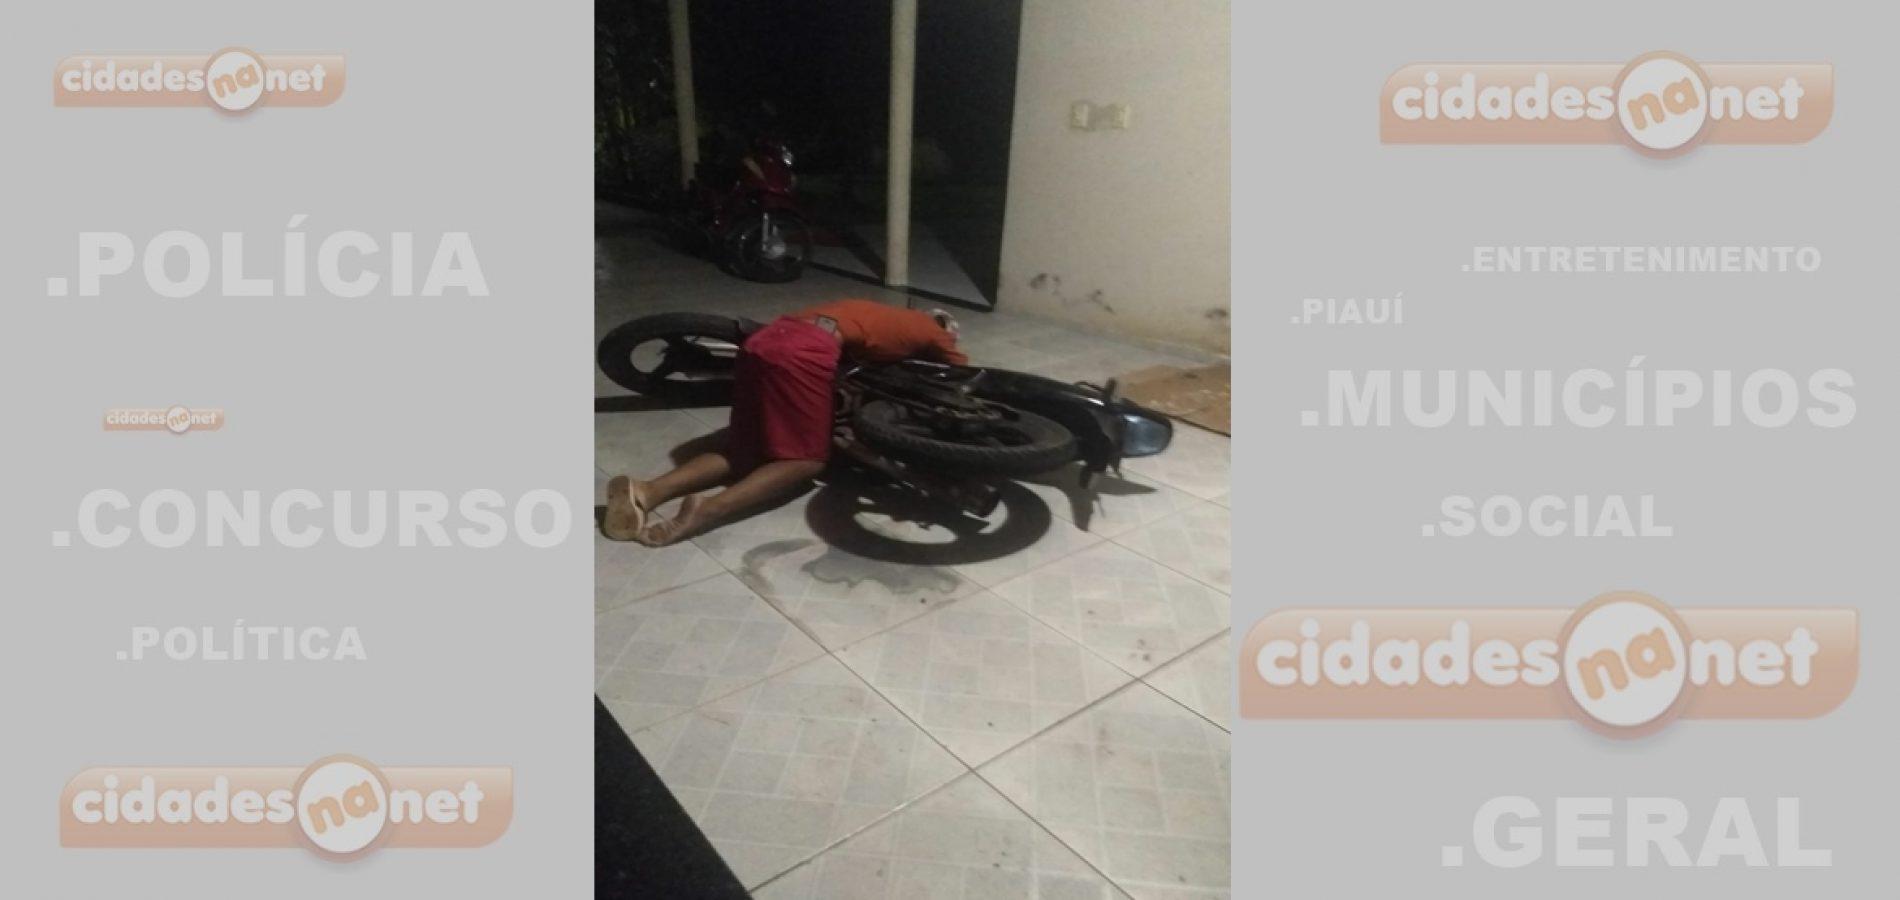 Acusado de assalto é morto após invadir residência de empresário no Piauí